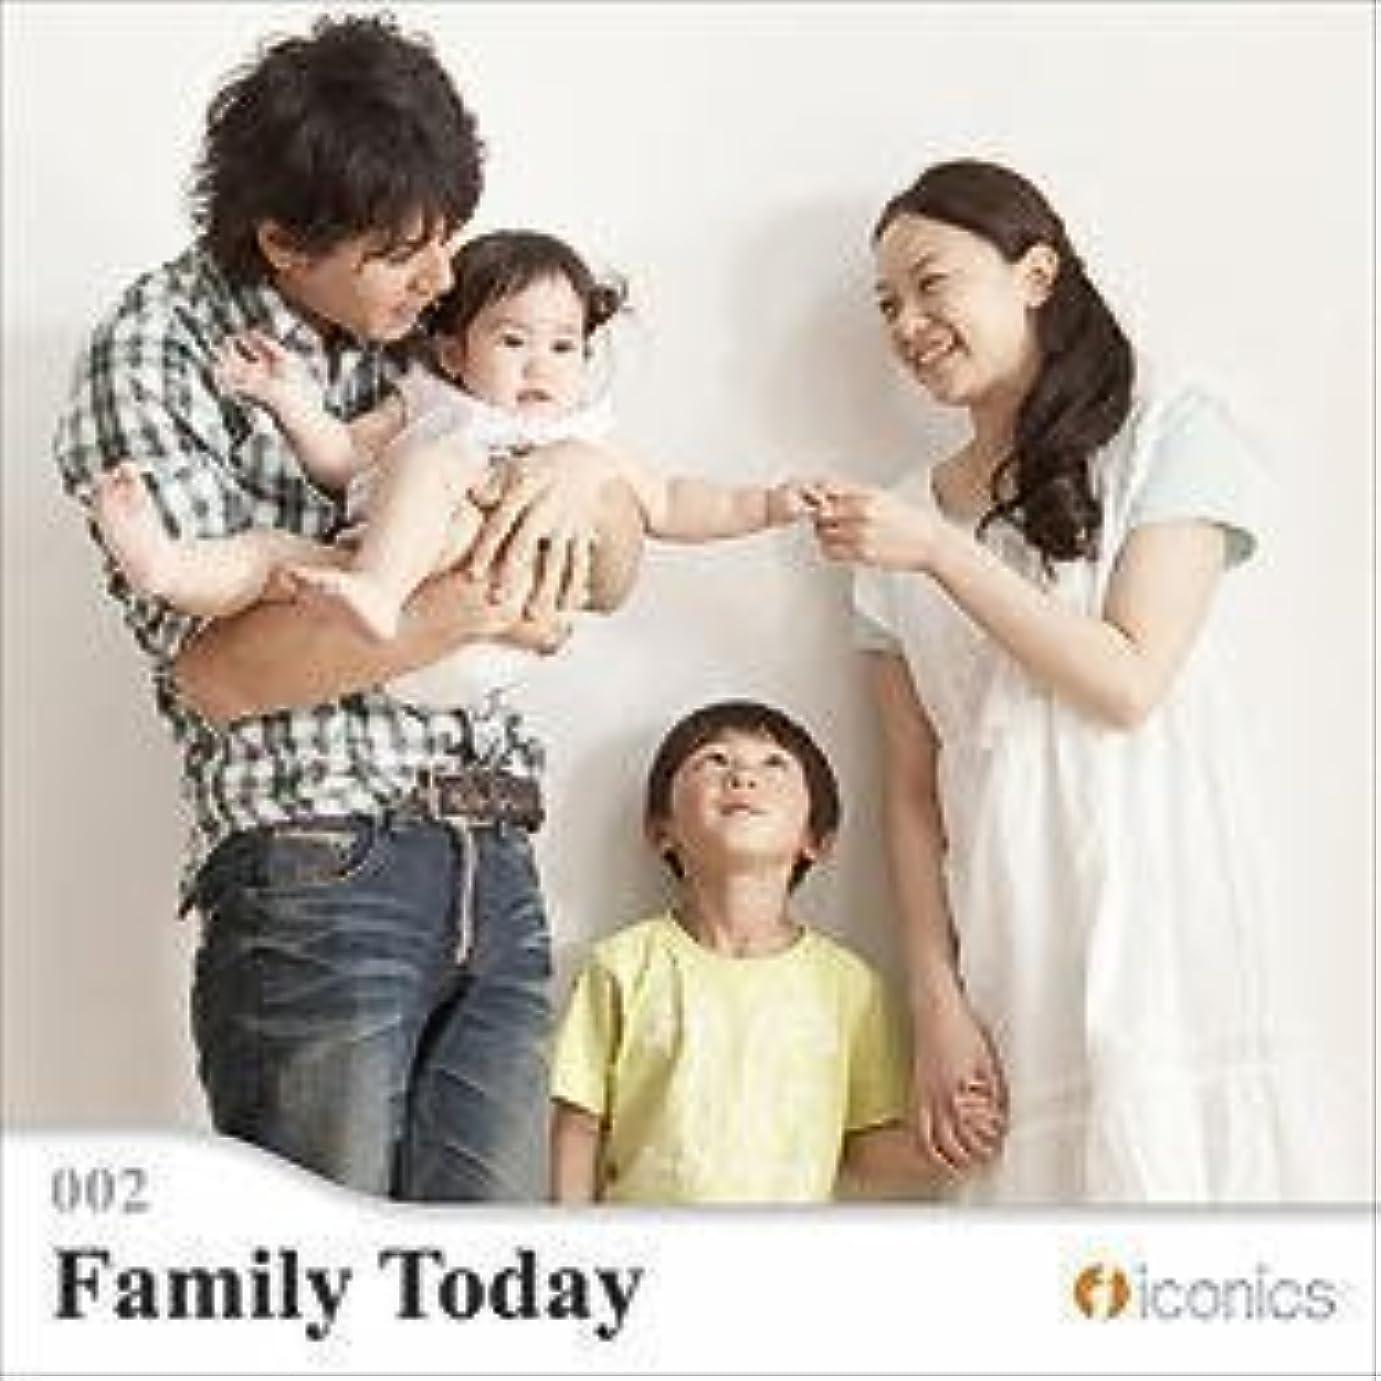 ルール不規則なありがたいiconics vol.002 Family Today